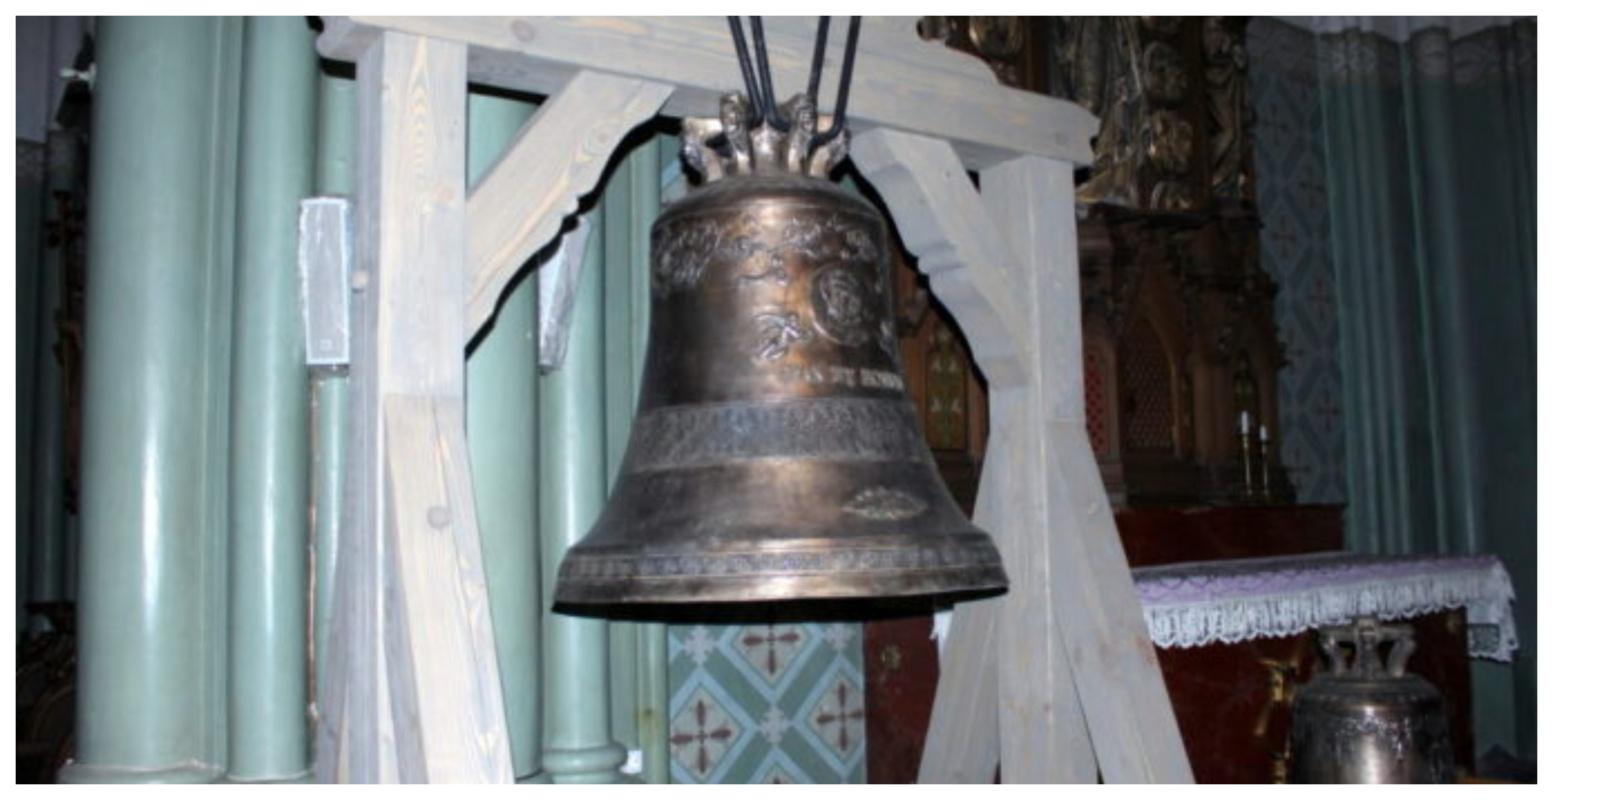 Daugiau kaip po šimto metų į Rokiškį grįžta trijų varpų skambesys